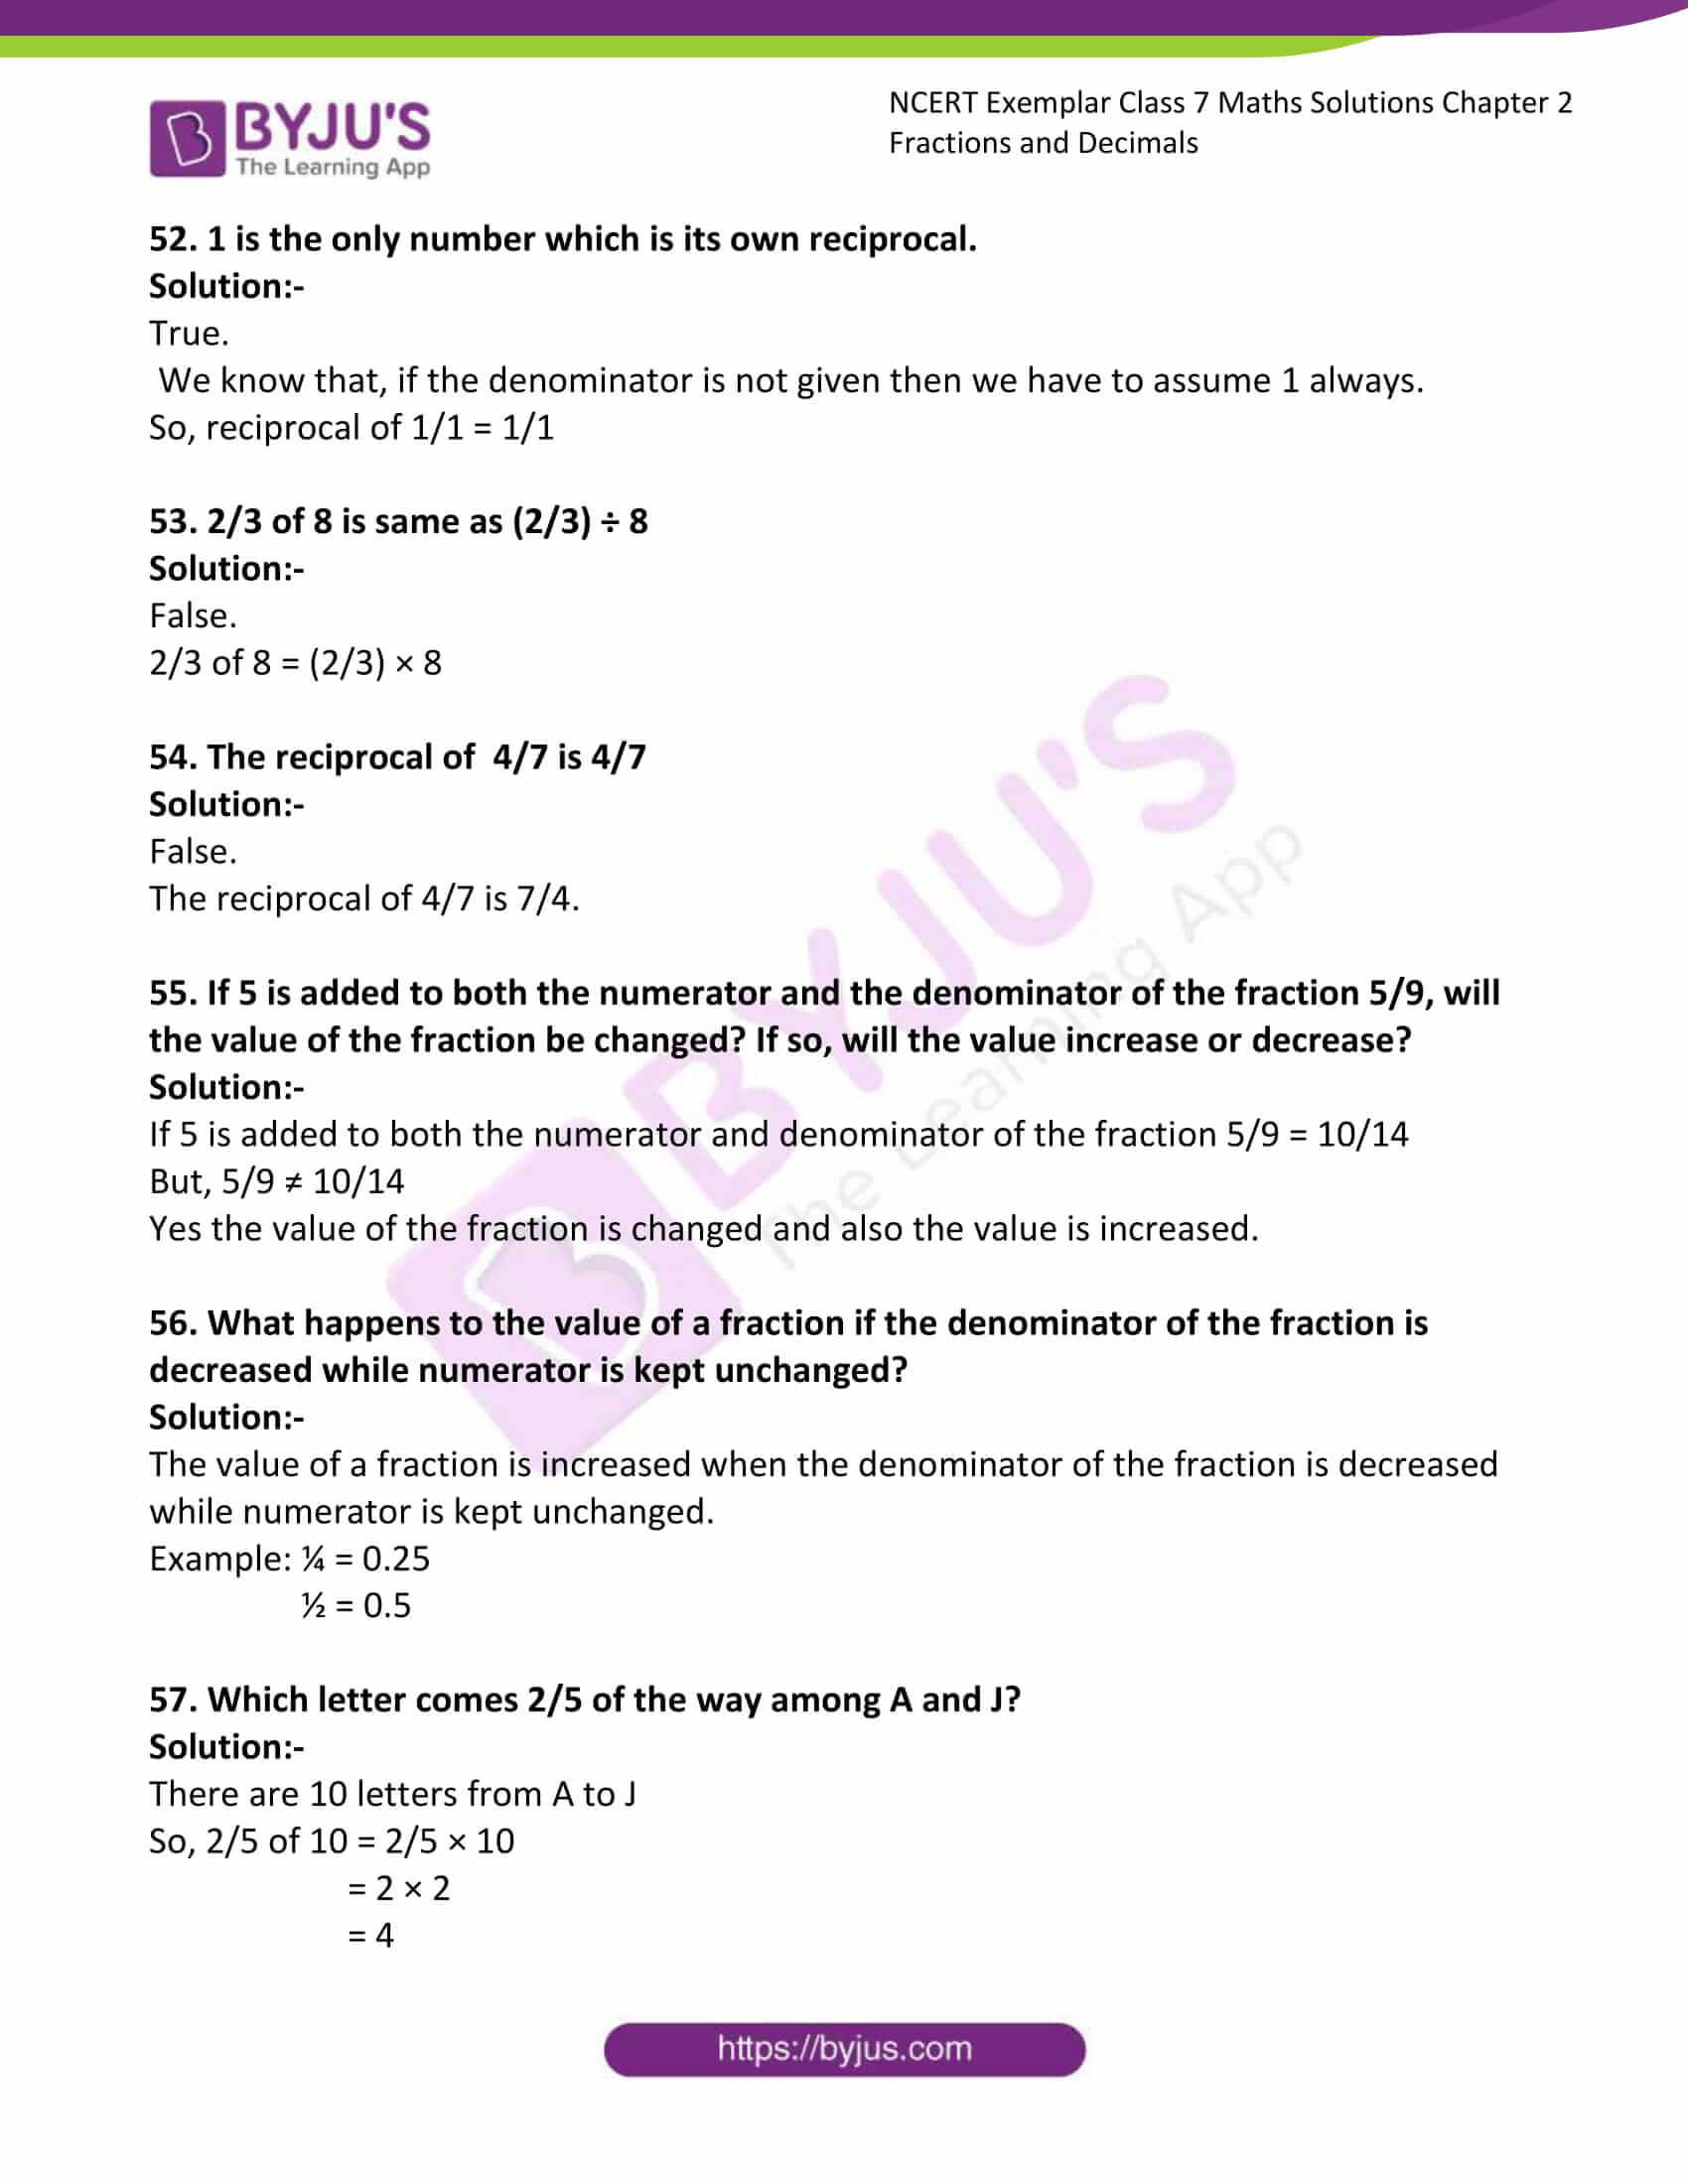 ncert exemplar nov2020 class 7 maths solutions chapter 2 14